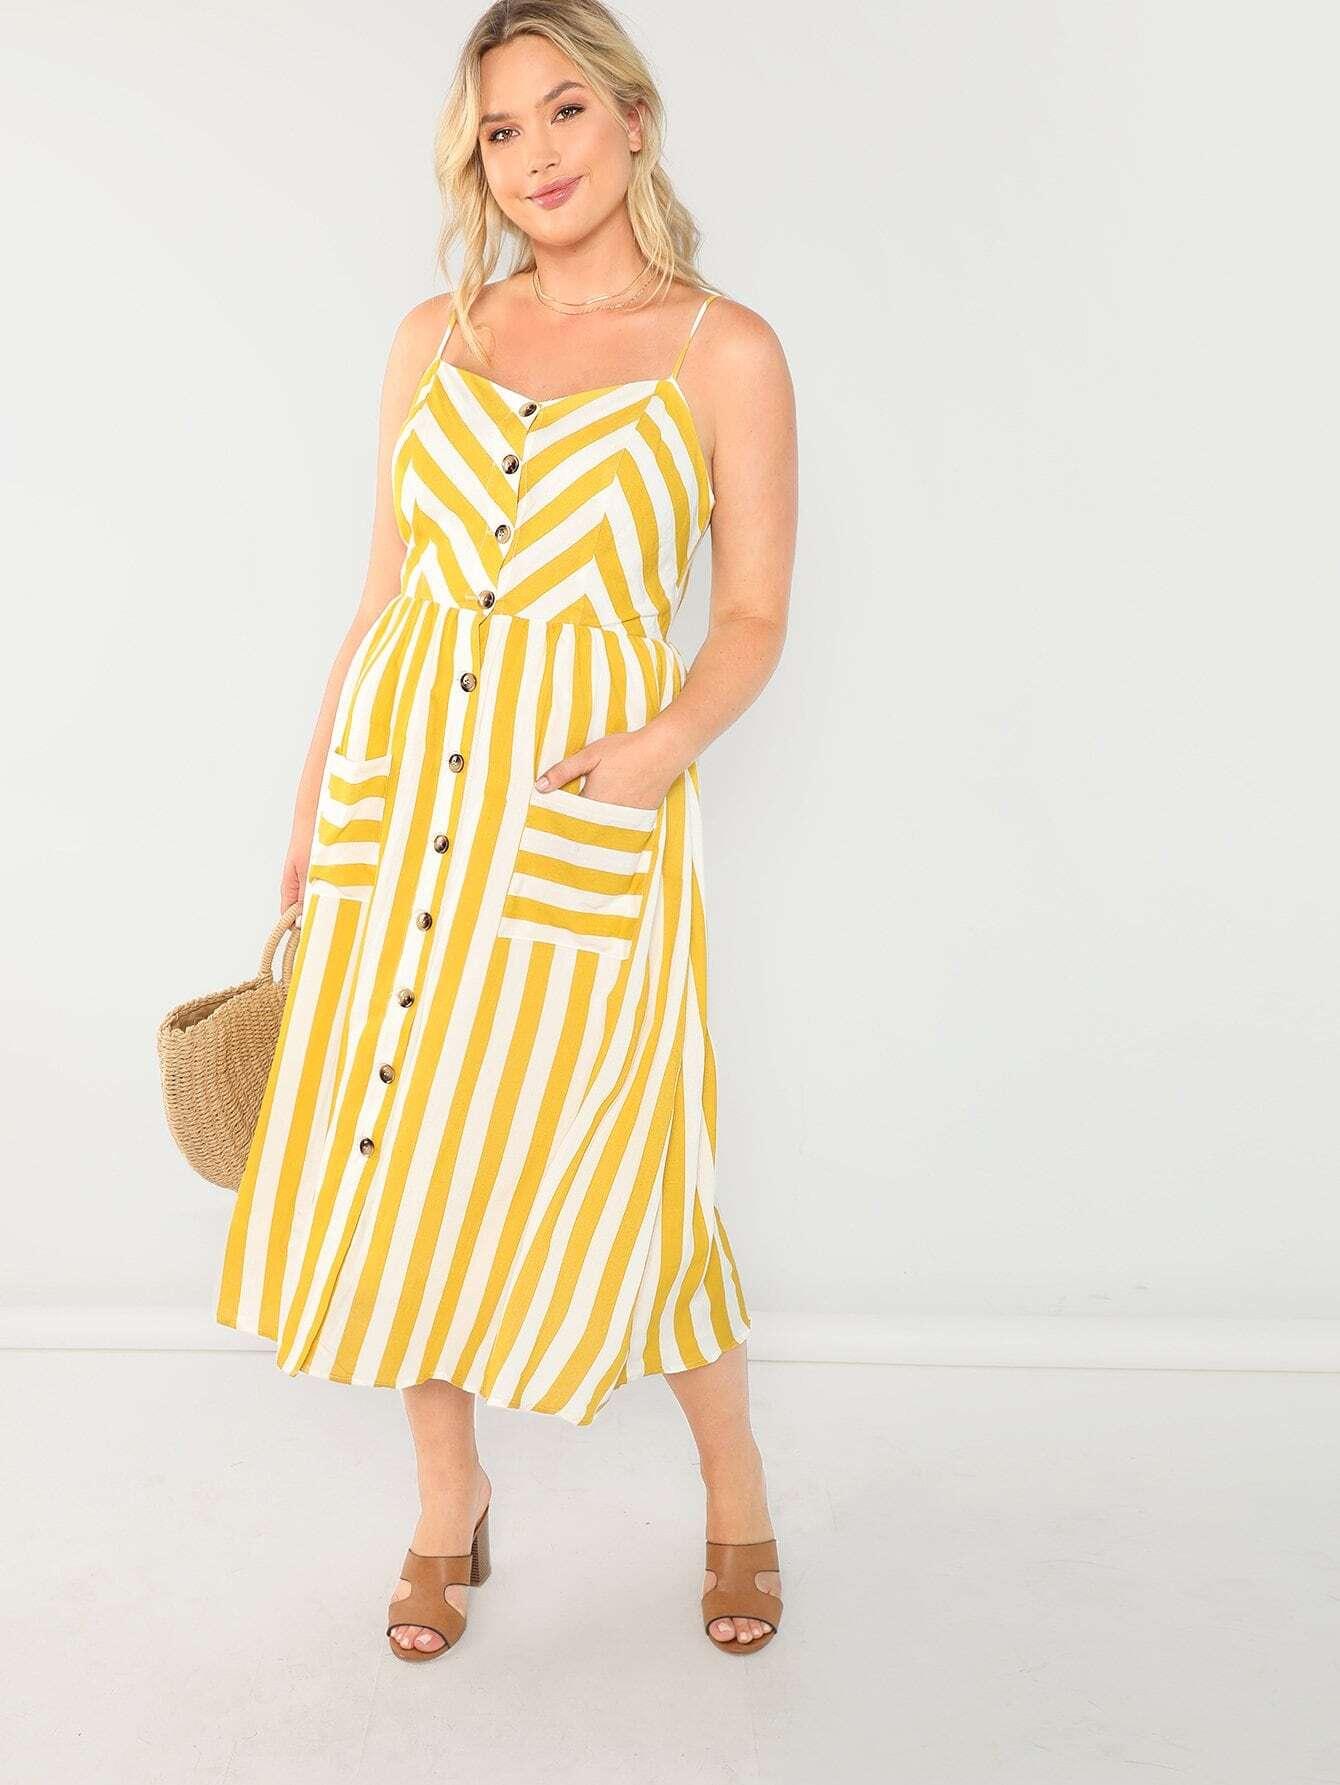 Купить Плюс размеры полосатое Cami платье с карманами на пуговицах, Sydney Ness, SheIn